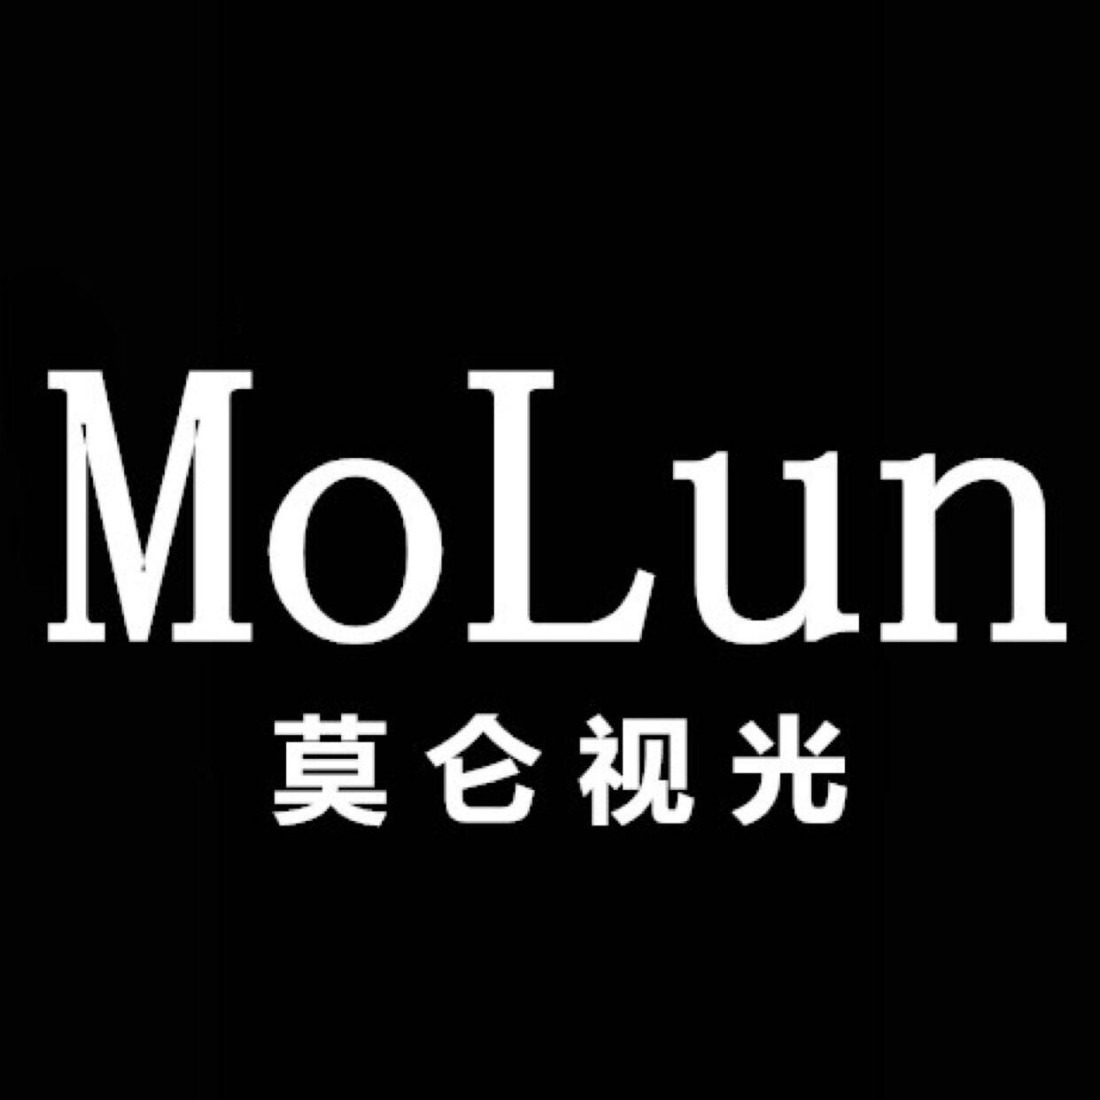 深圳市莫侖視光聽力技術有限公司